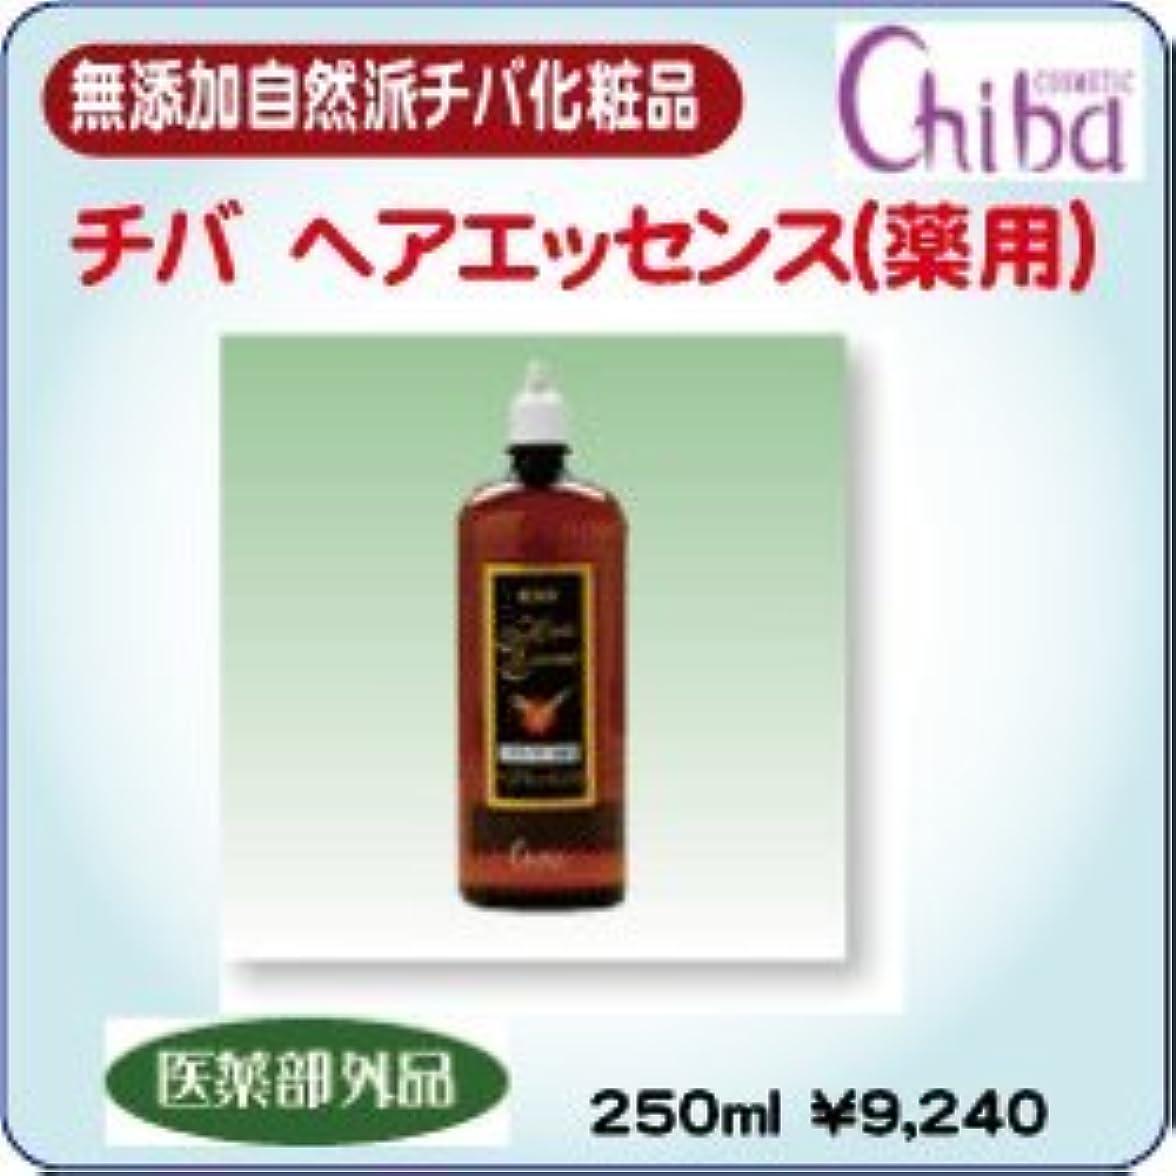 分解する効能単調なチバ ヘアエッセンス(薬用)250ml